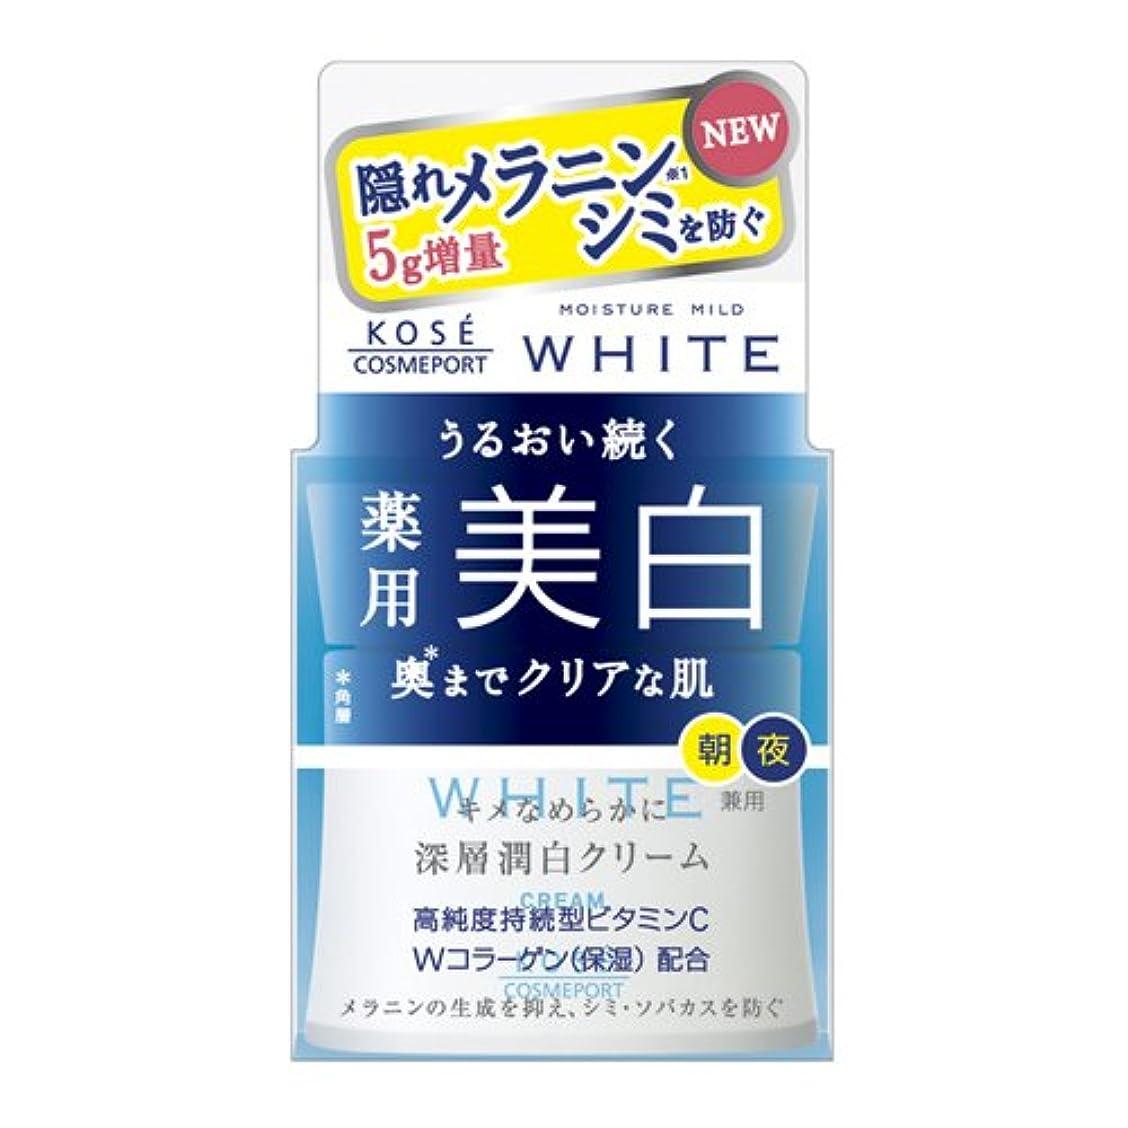 茎名詞弱いKOSE コーセー モイスチュアマイルド ホワイト クリーム 55g